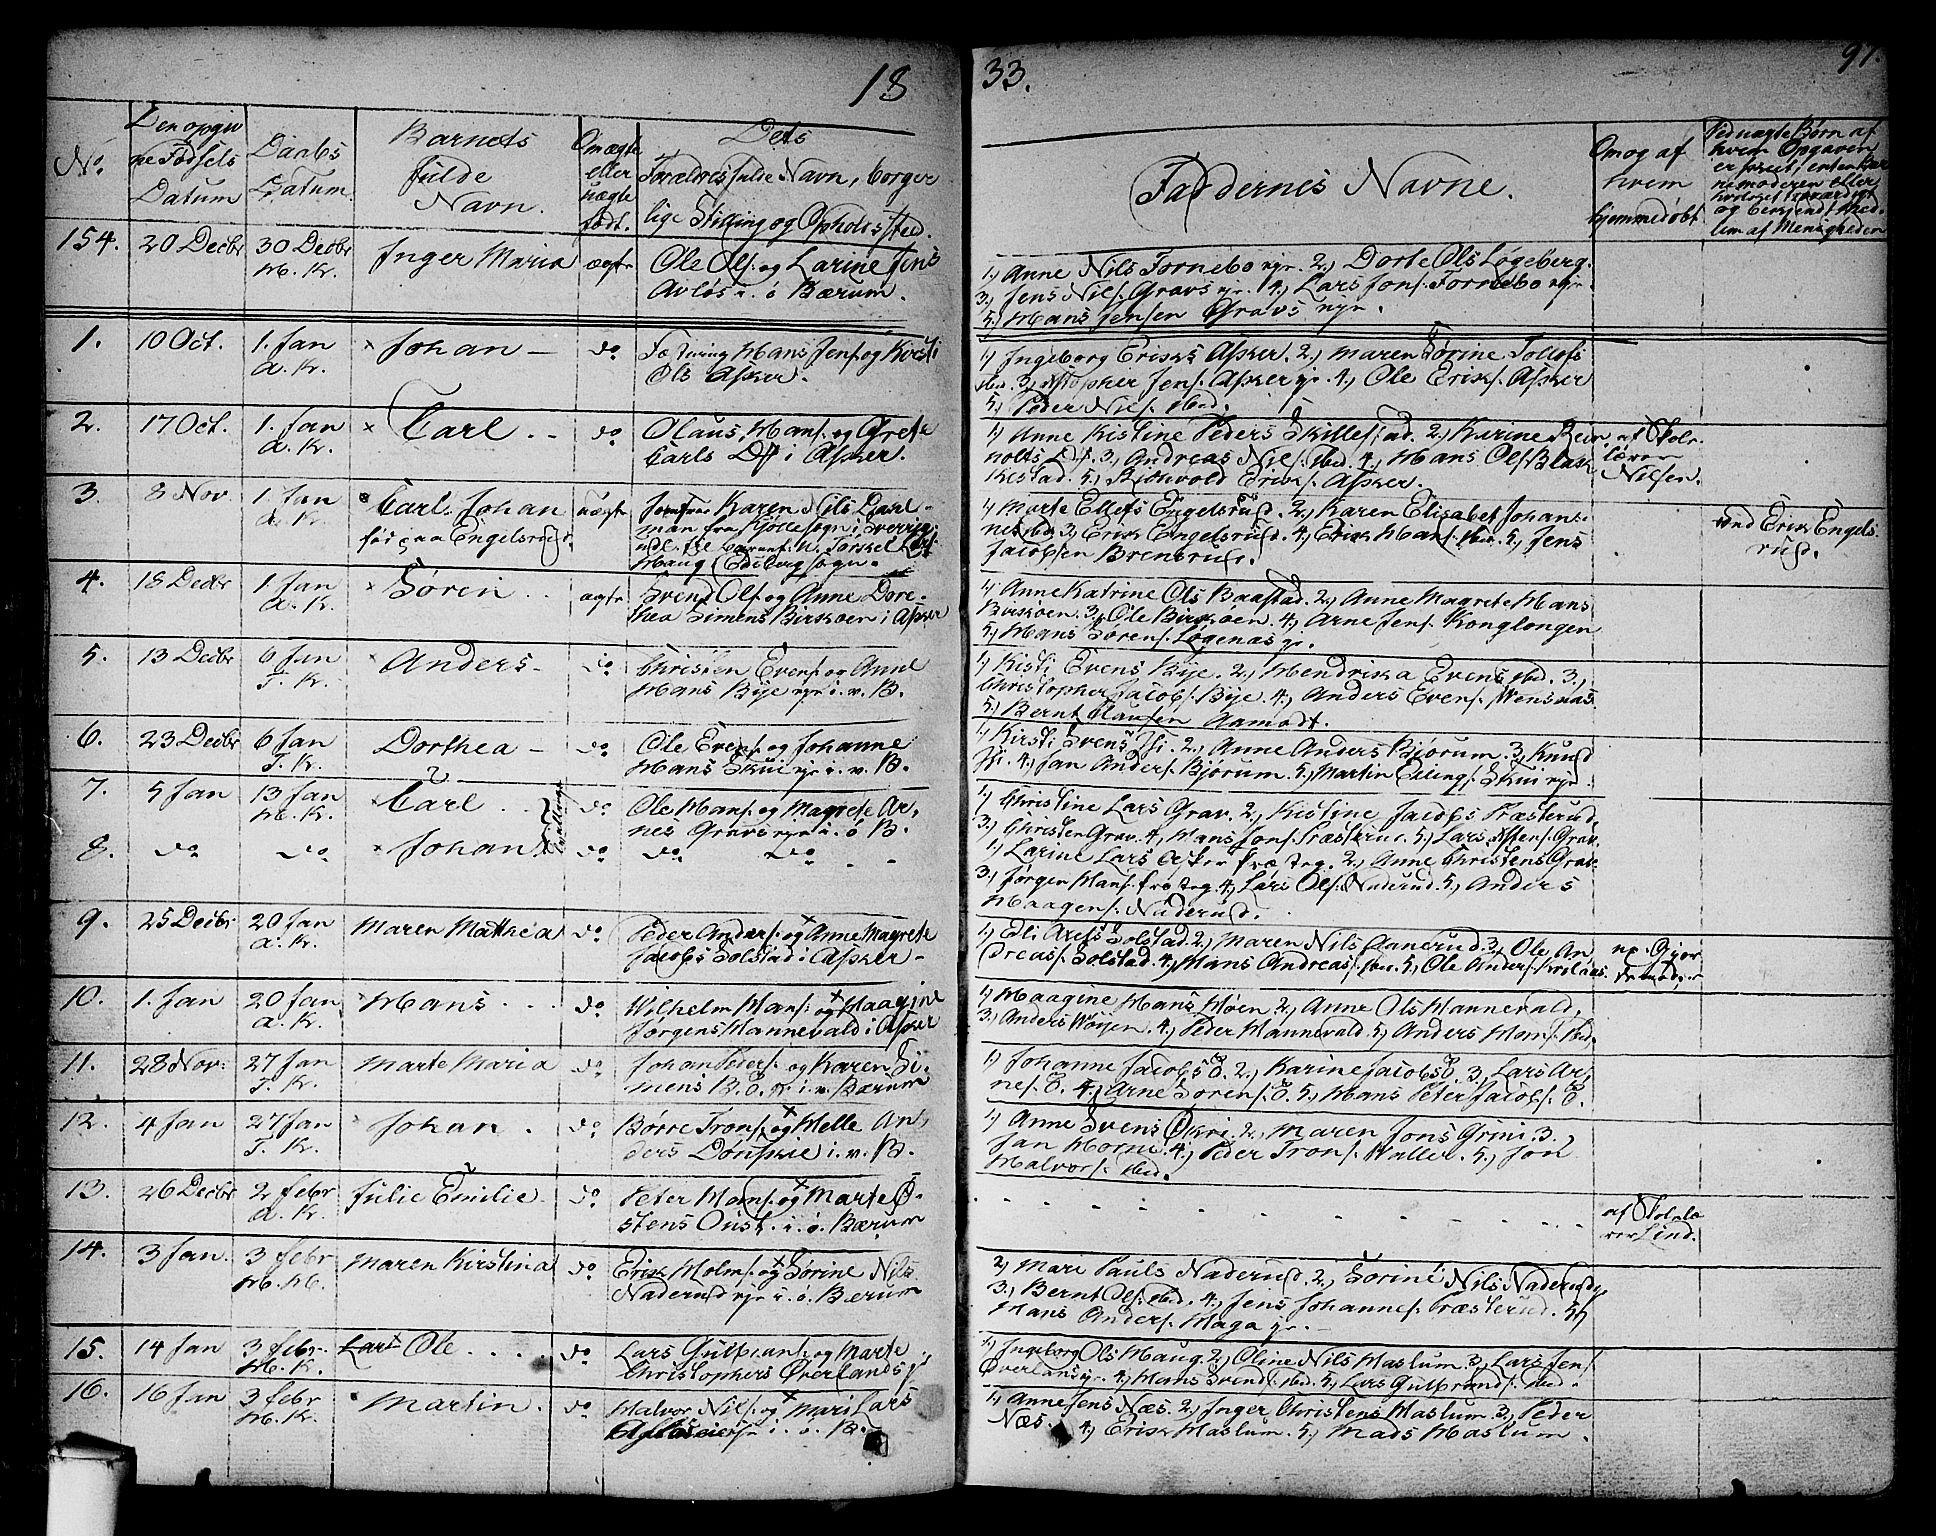 SAO, Asker prestekontor Kirkebøker, F/Fa/L0007: Ministerialbok nr. I 7, 1825-1864, s. 97